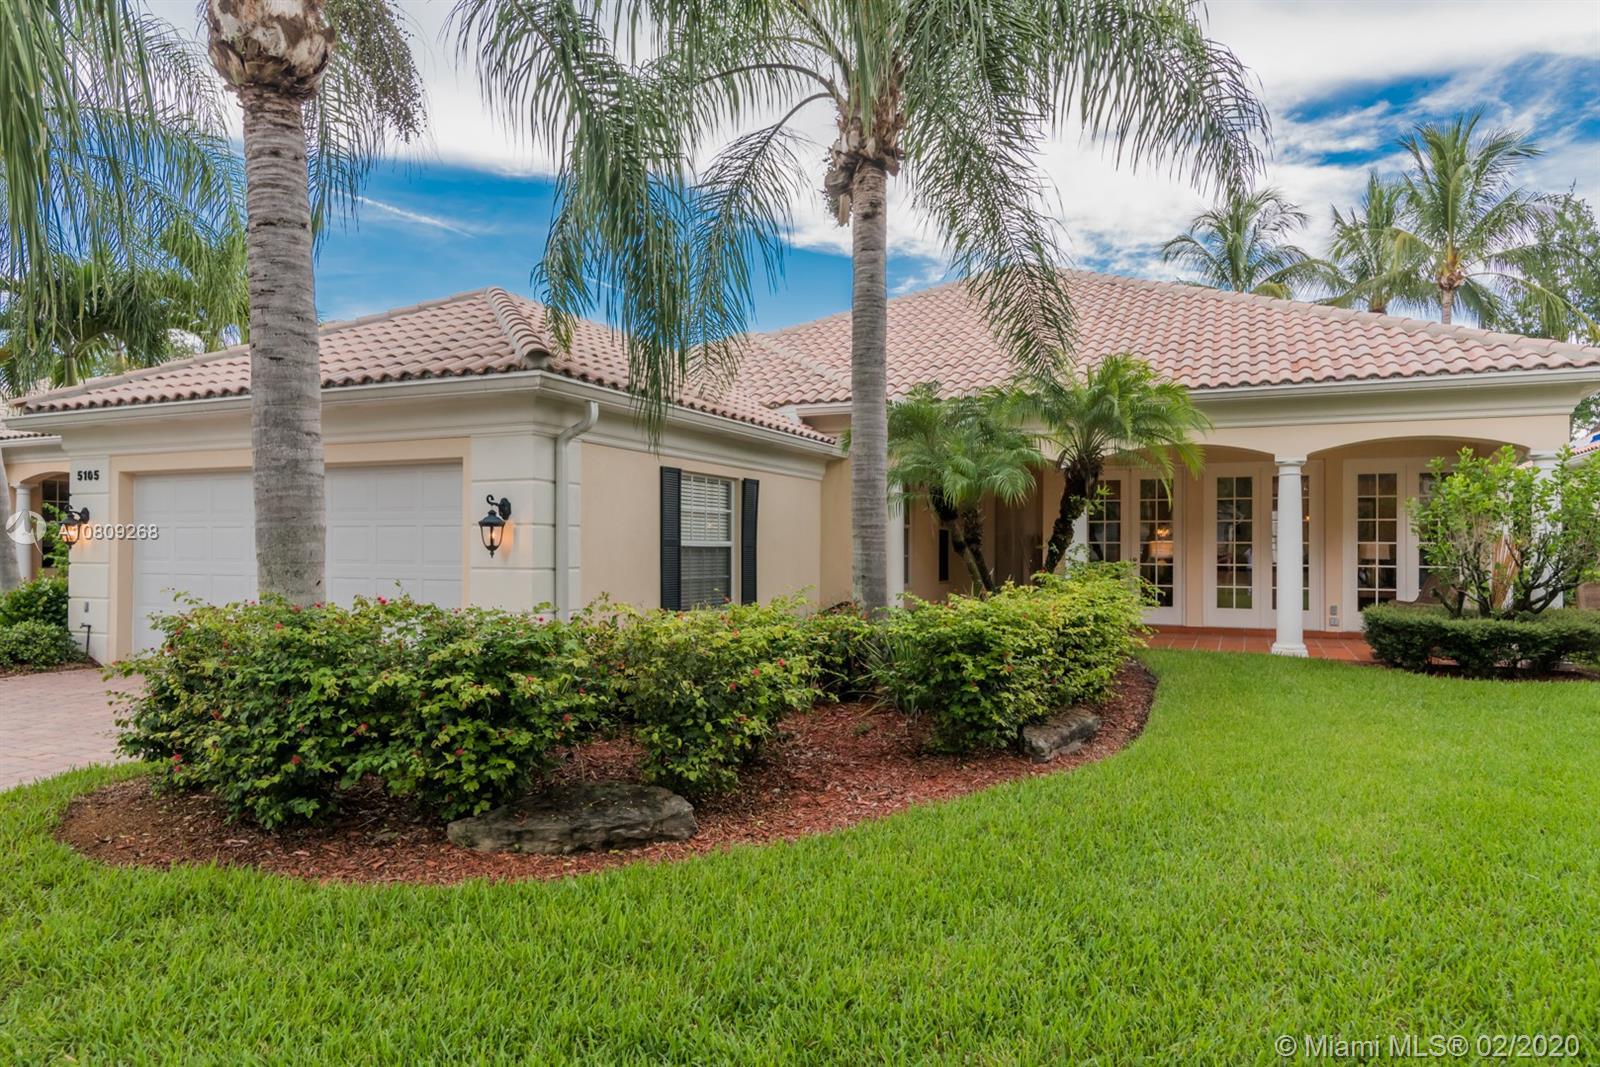 5105 Inagua way - Naples, Florida